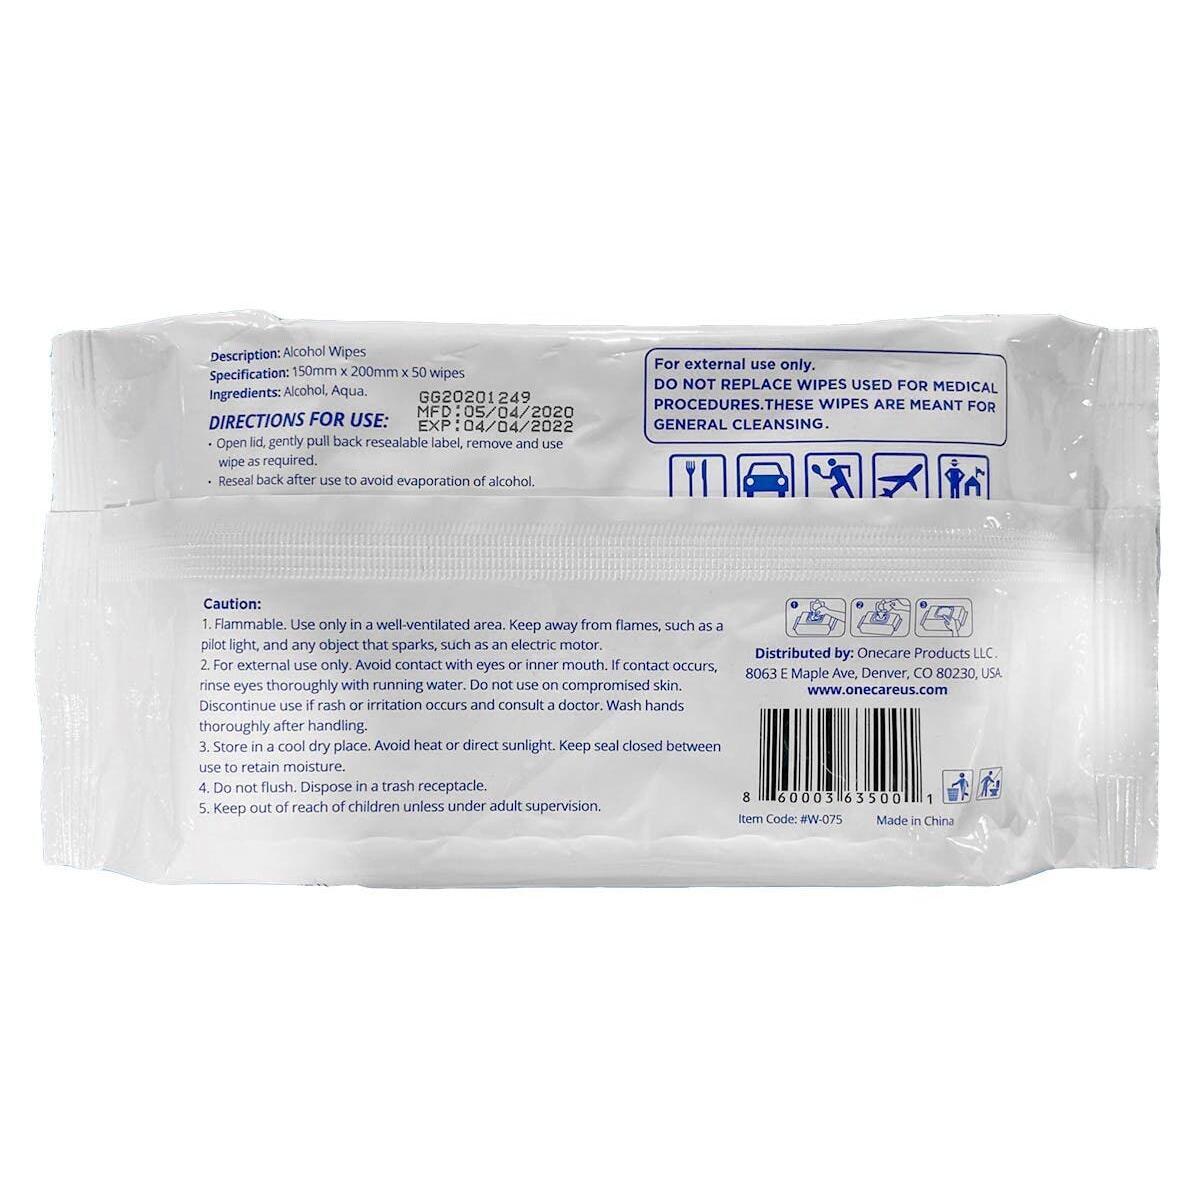 (200 Wipes) Hand Sanitizing Wipes, Alcohol Formula (4 pack) (Big 6 by 8 size) 75% Alcohol Hand Sanitizing Wipes